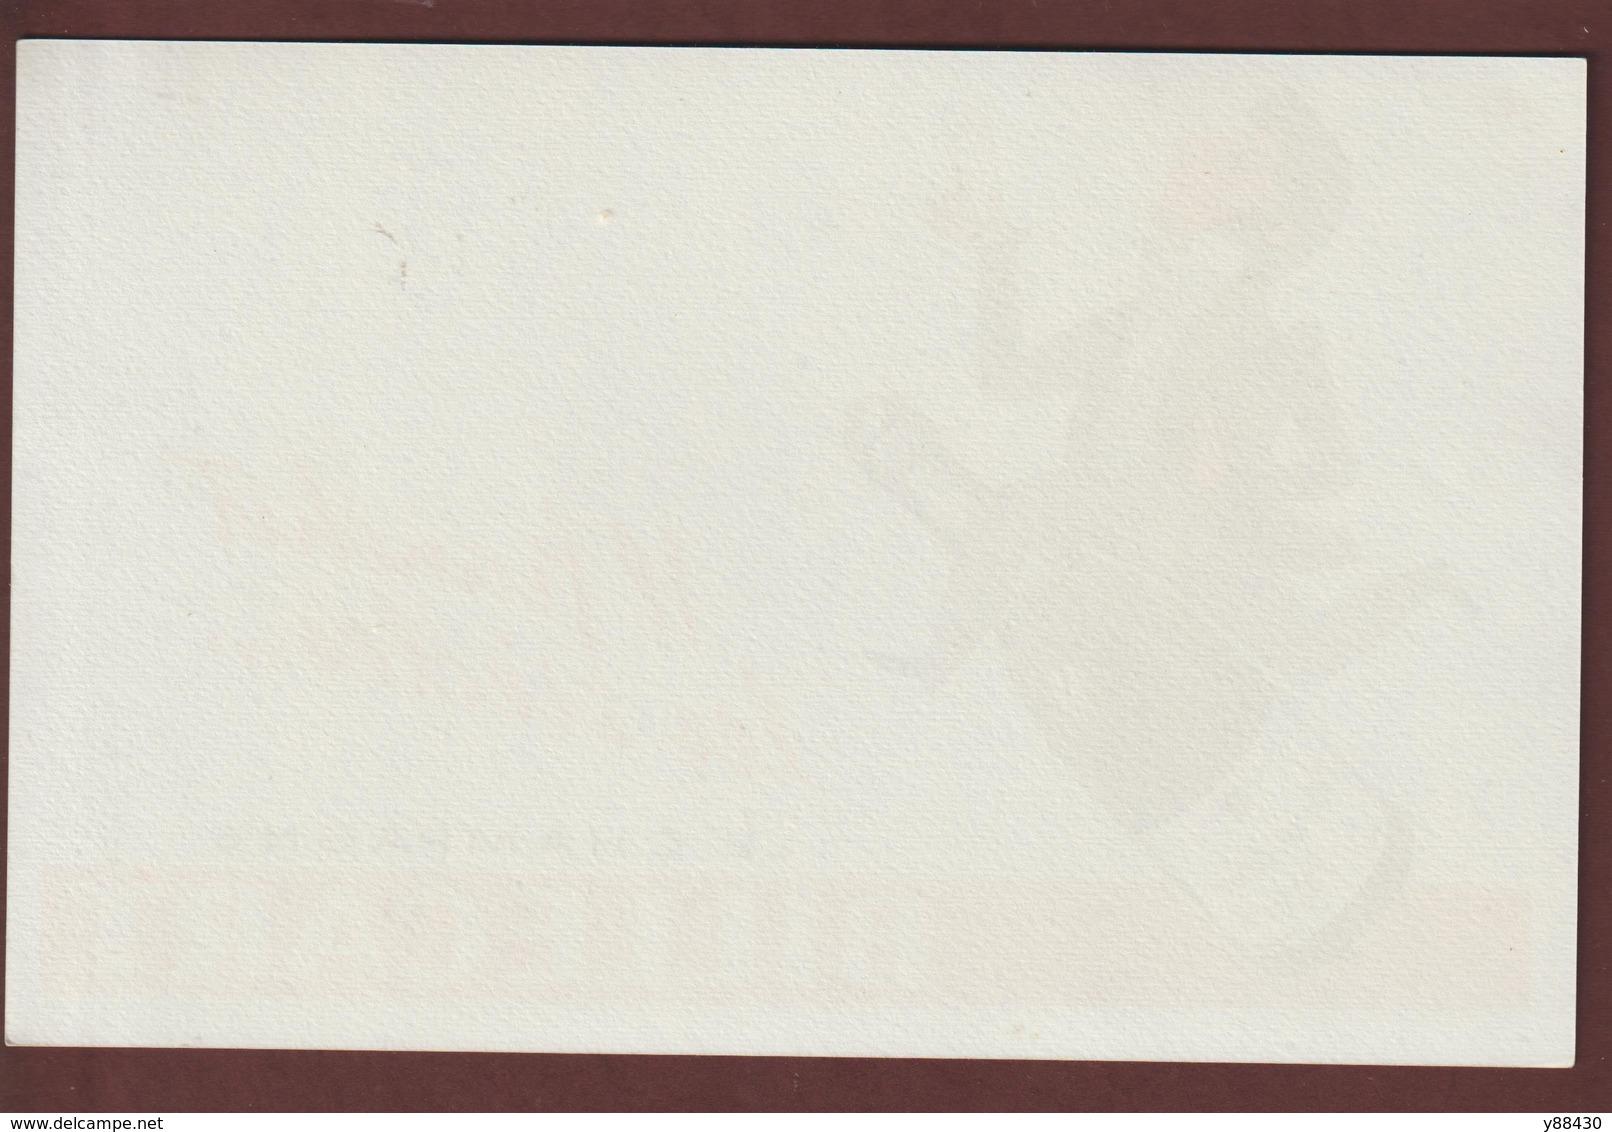 BUVARD - CHAMPAGNE  BILLECART-SALMON  à  MAREUIL SUR  AY . MARNE - 2 Scannes. - Buvards, Protège-cahiers Illustrés